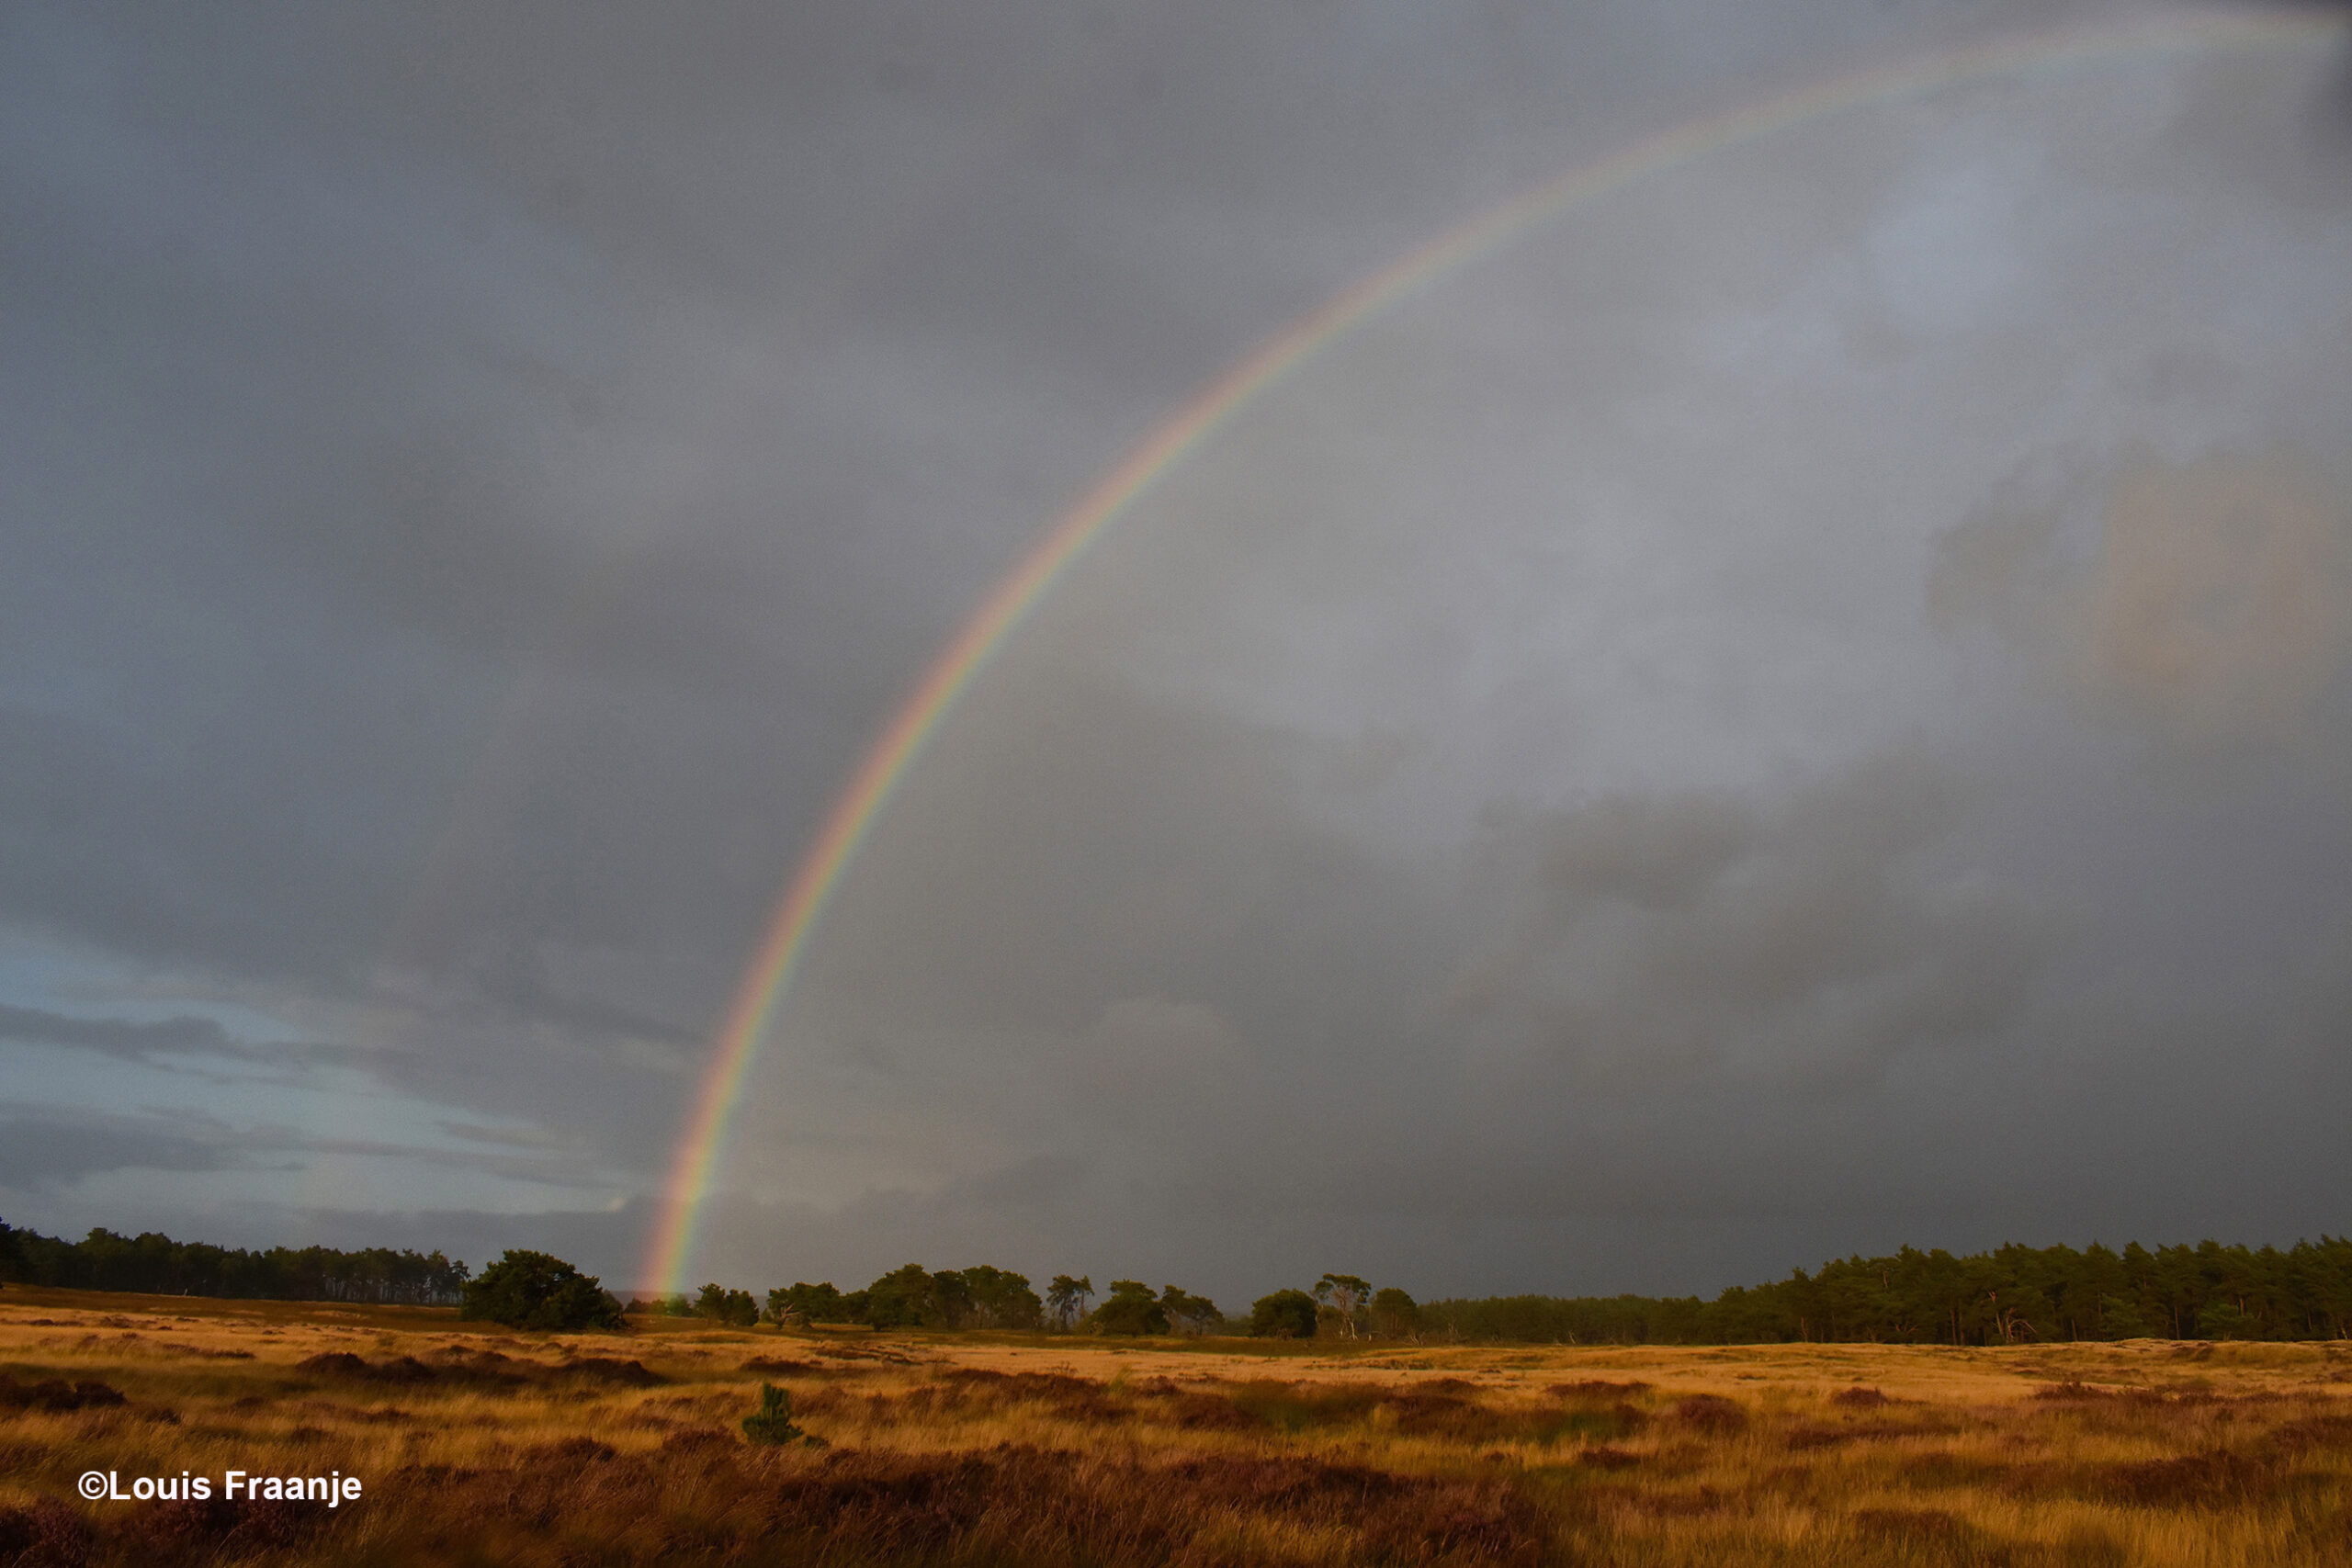 Ineens verscheen ineens glashelder de regenboog boven de bossen - Foto: ©Louis Fraanje